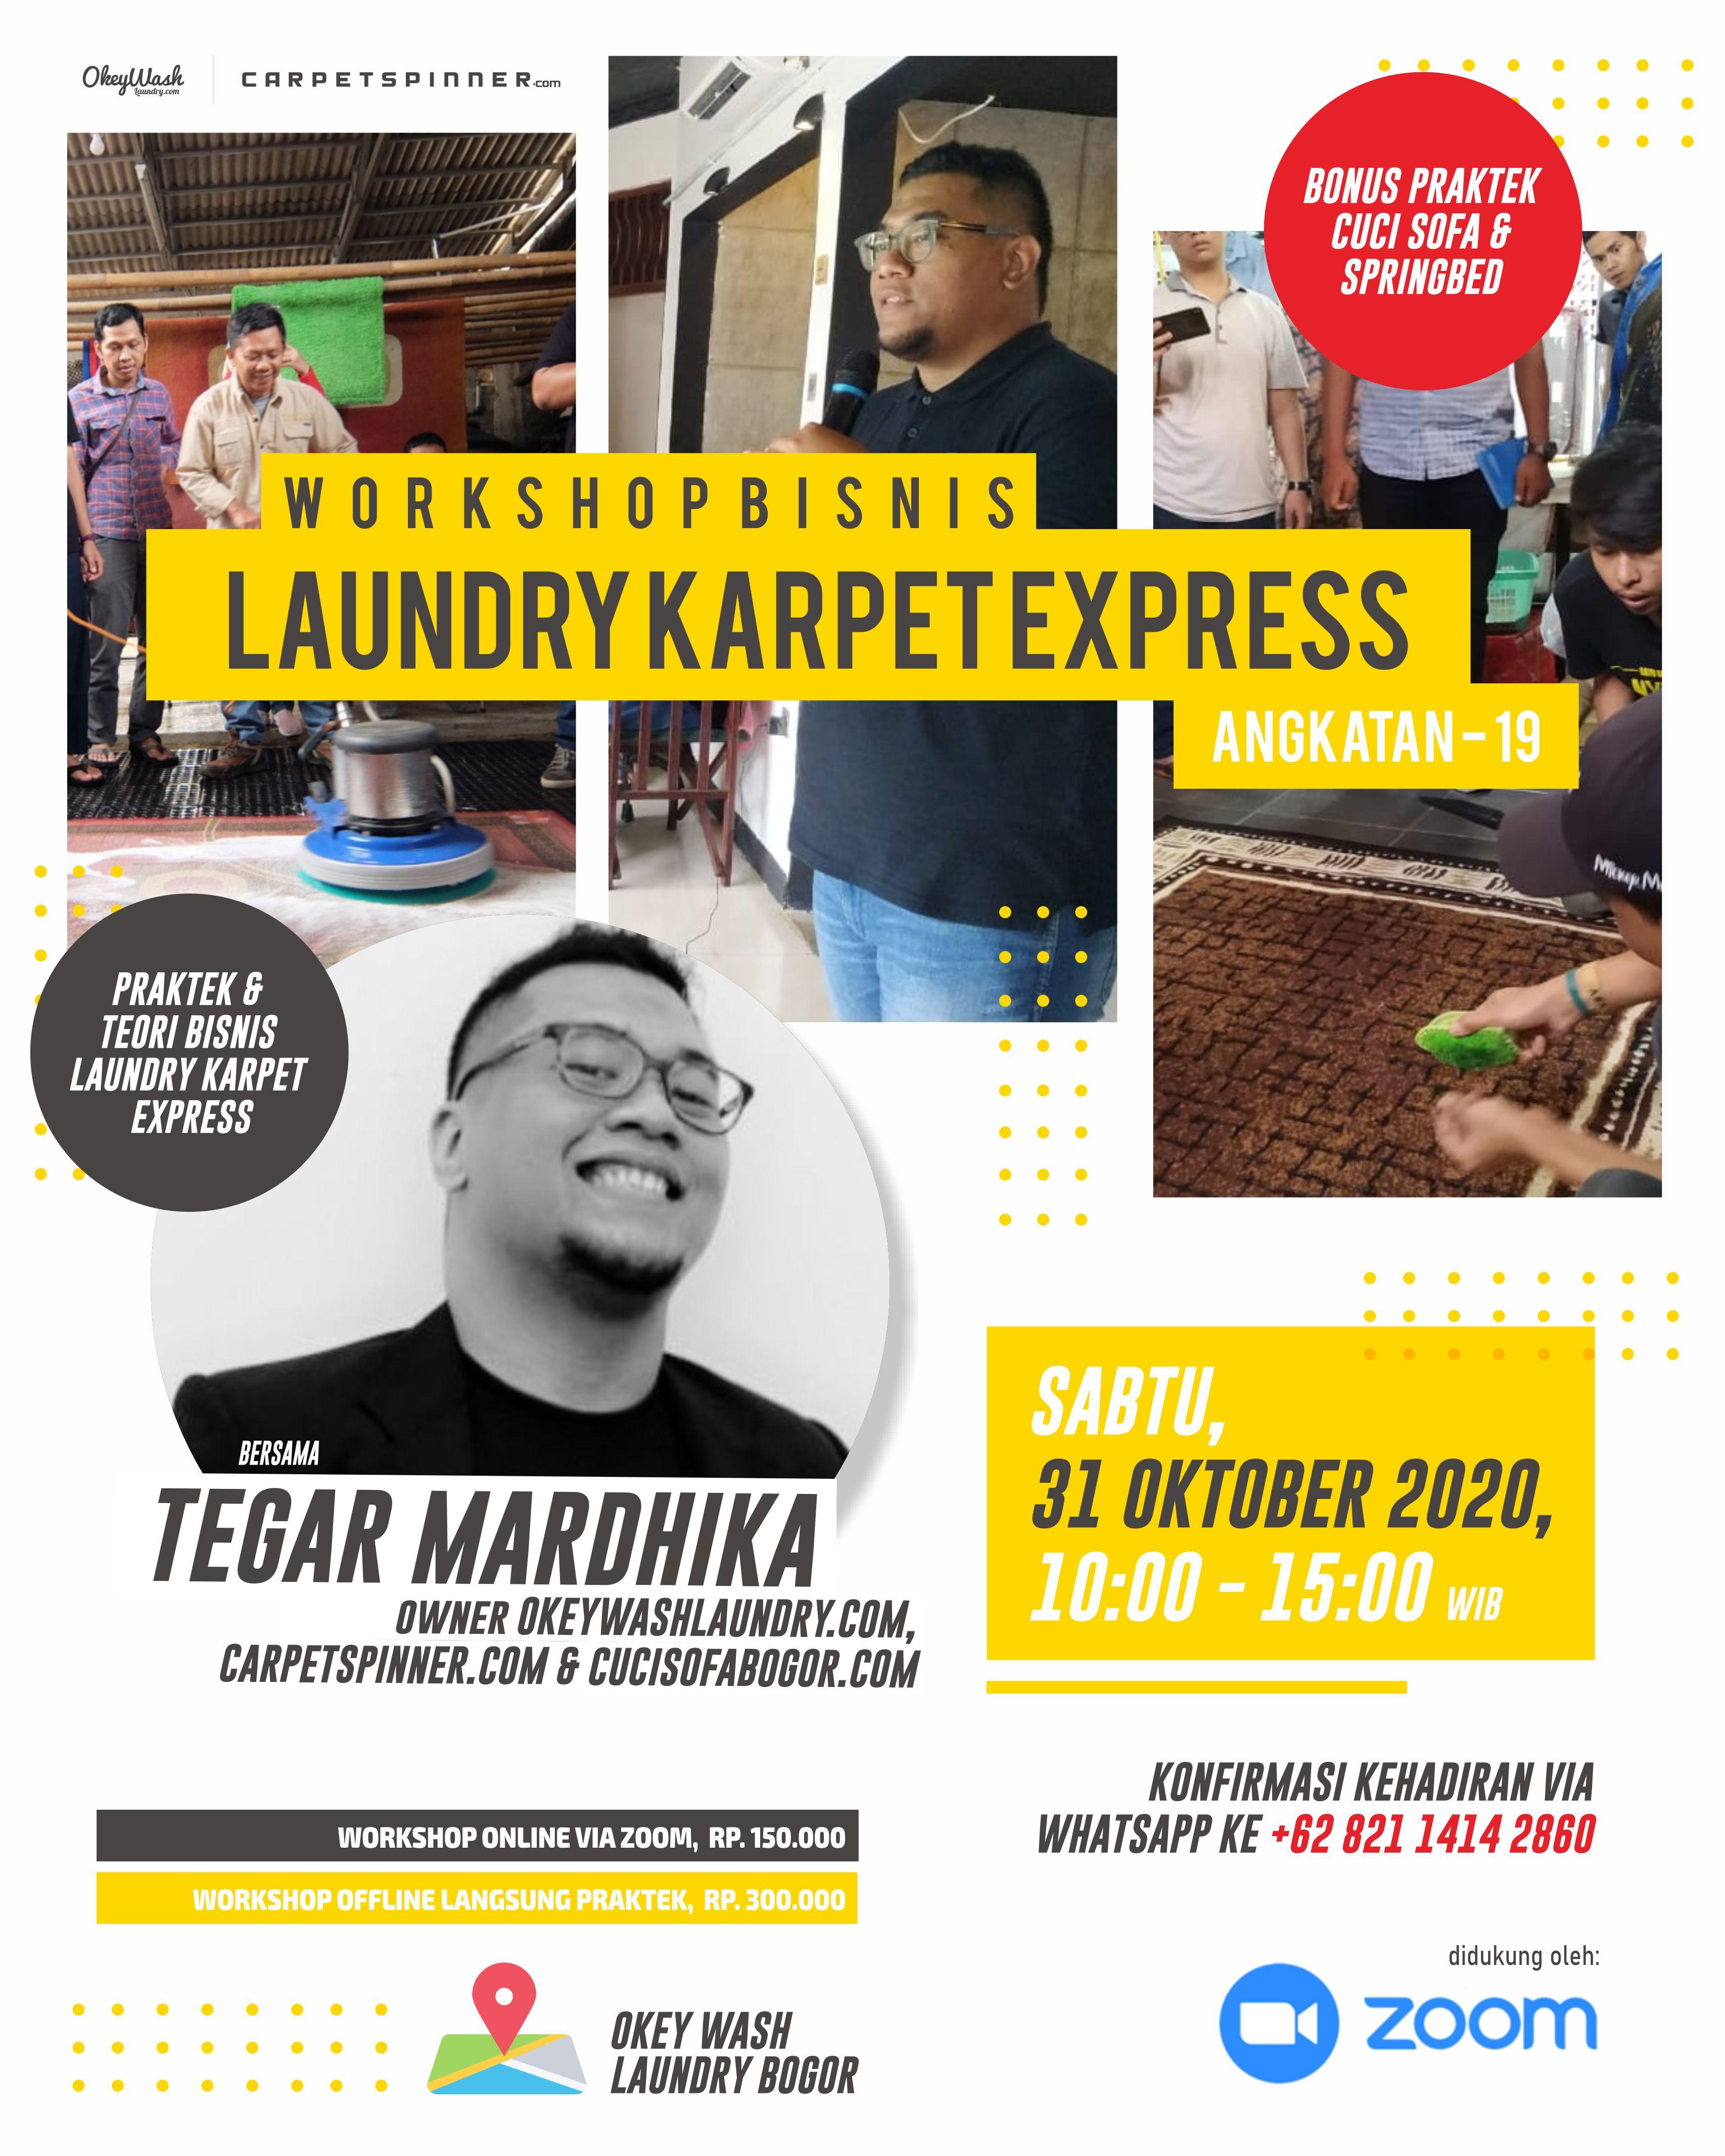 Workshop Bisnis Laundry Karpet Express, 31 Oktober 2020. Daftar Sekarang Juga Via WhatsApp ke +6282114142860!